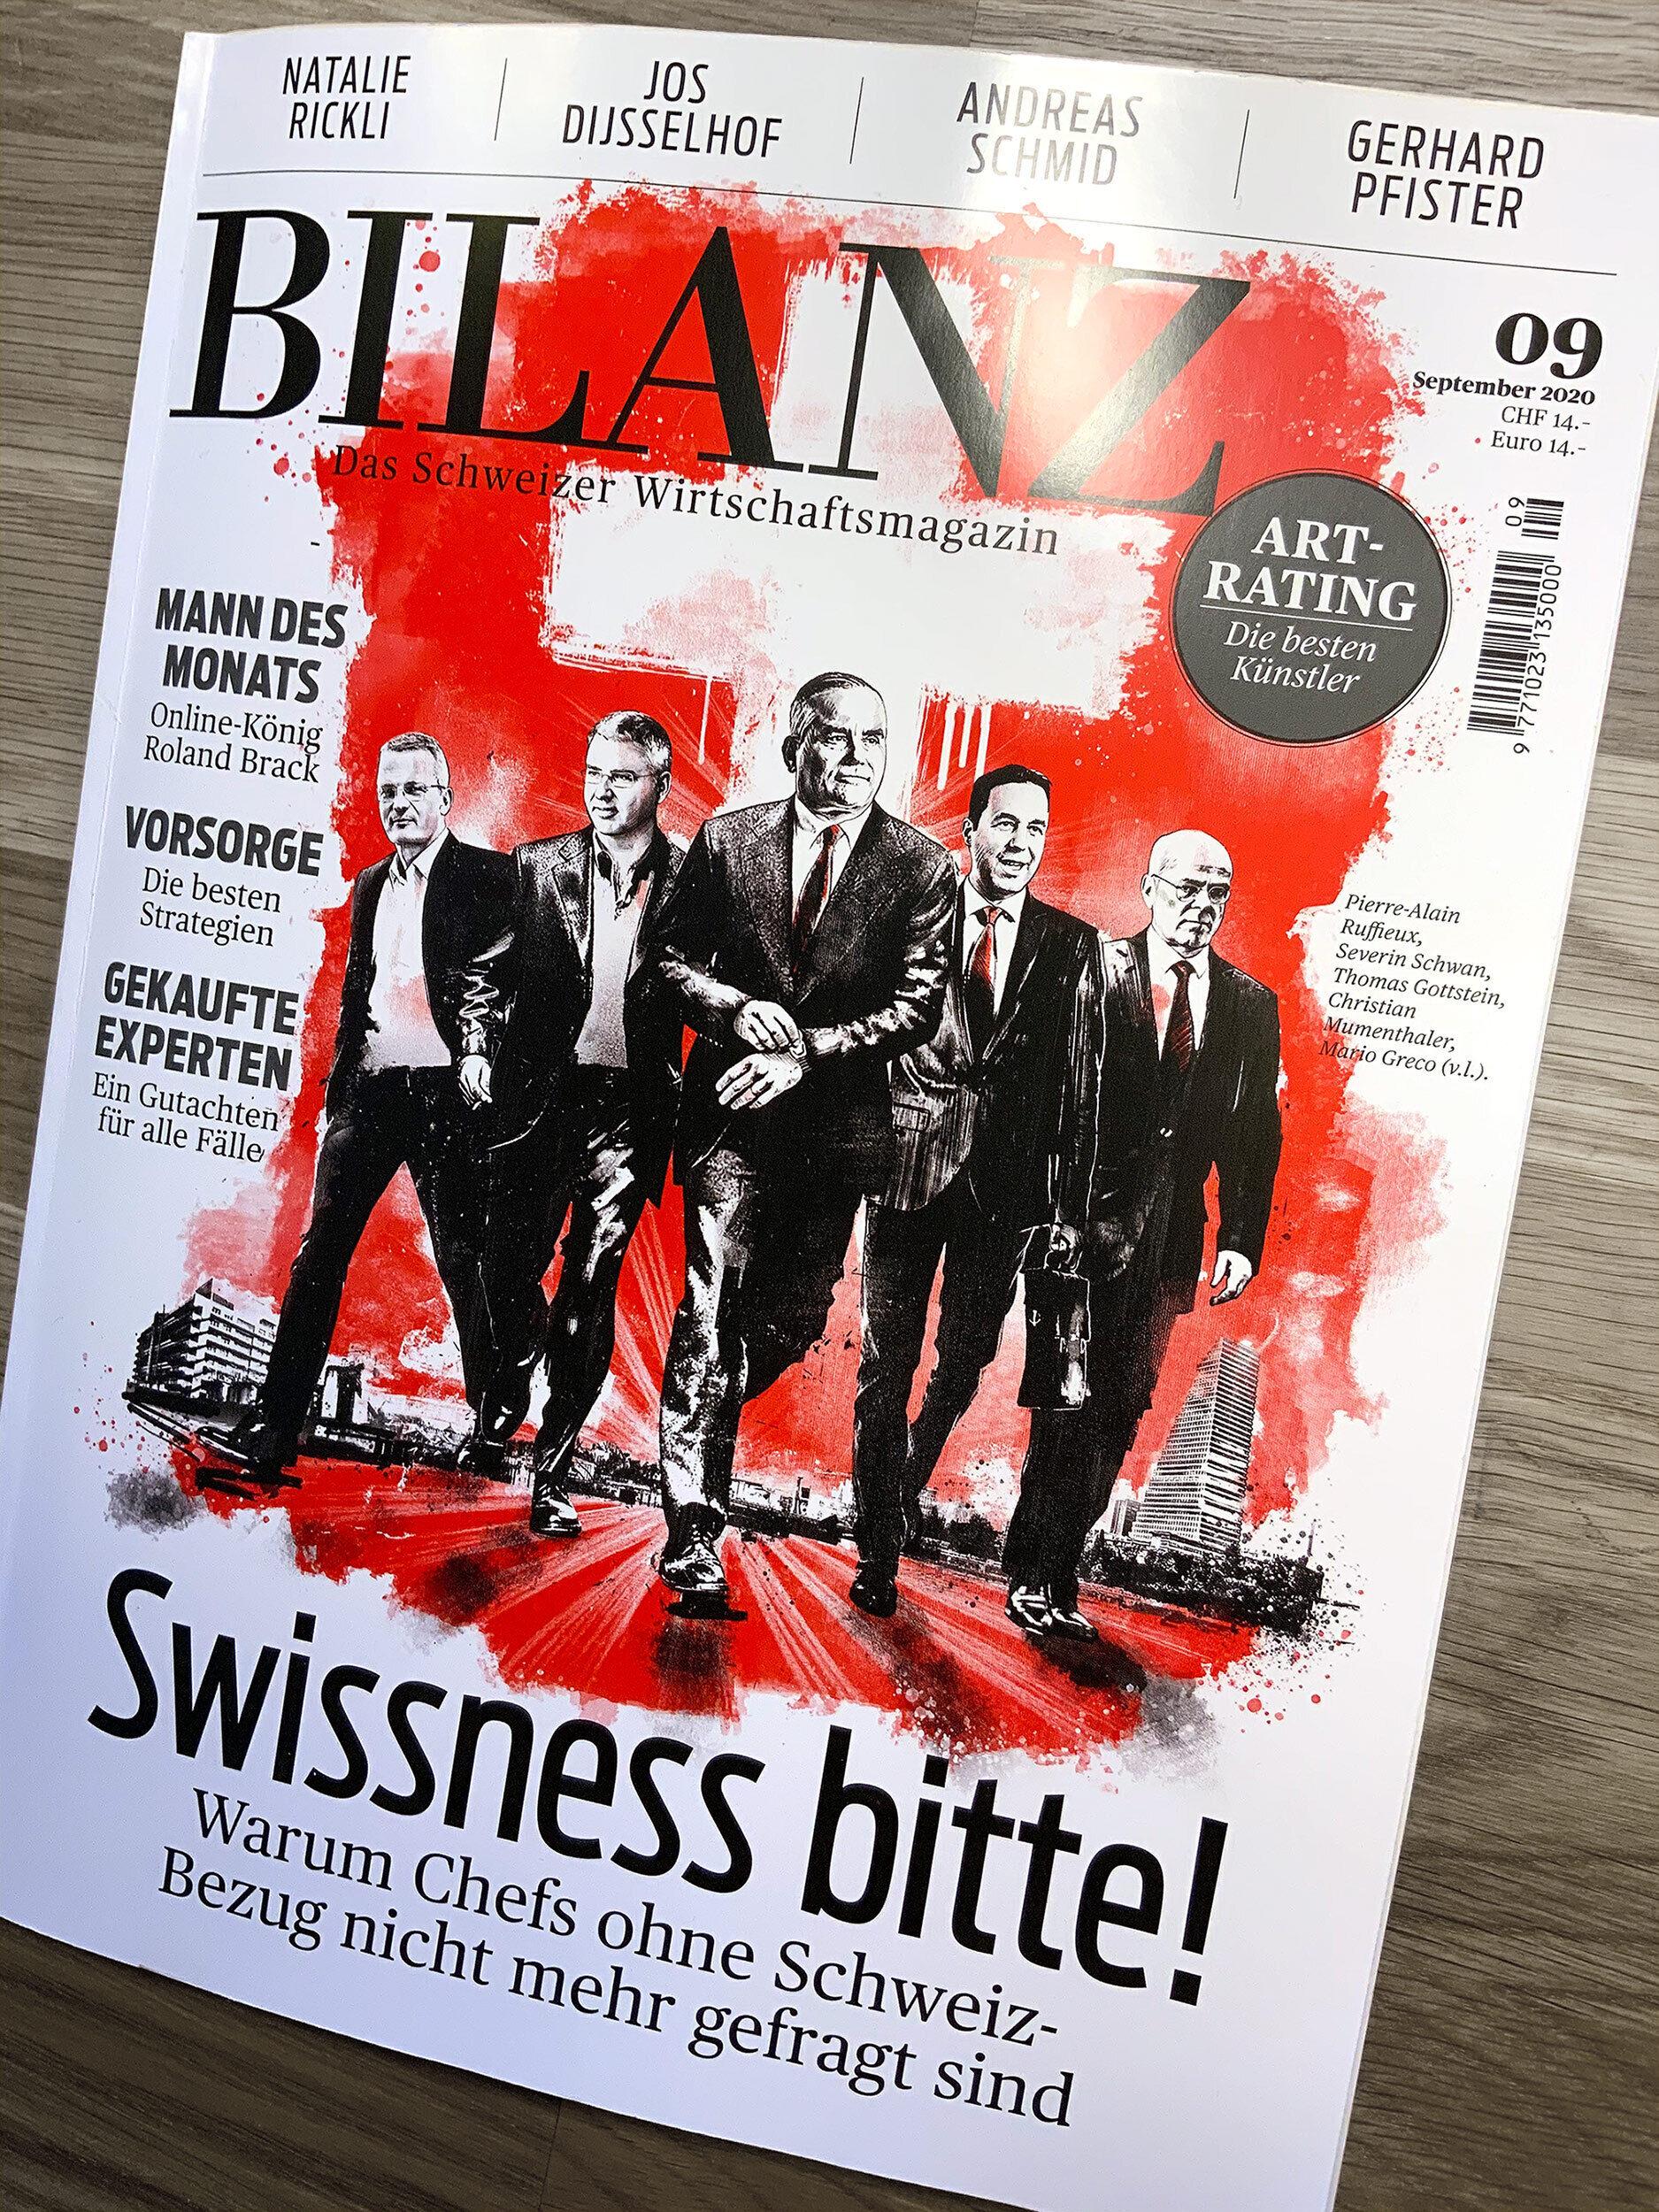 Bilanz Cover - Kornel Illustration | Kornel Stadler portfolio